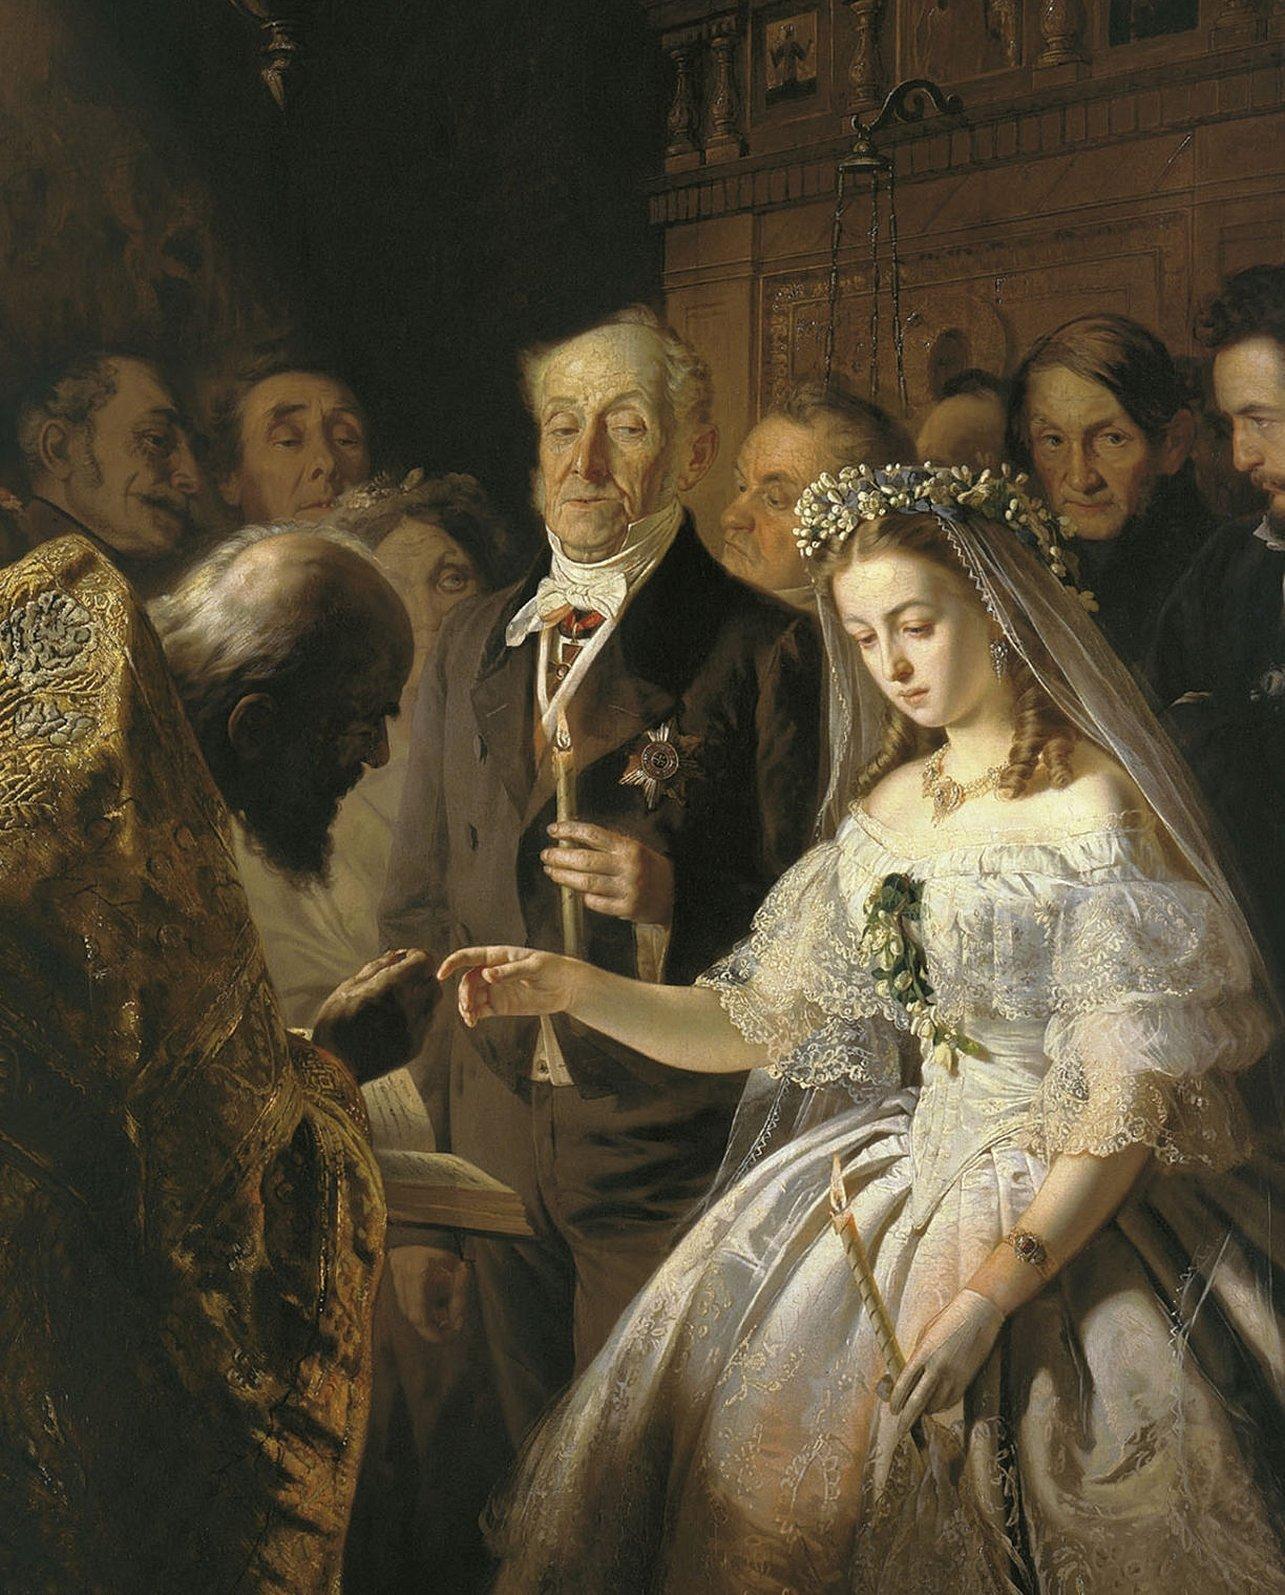 Картина пукирева неравный брак